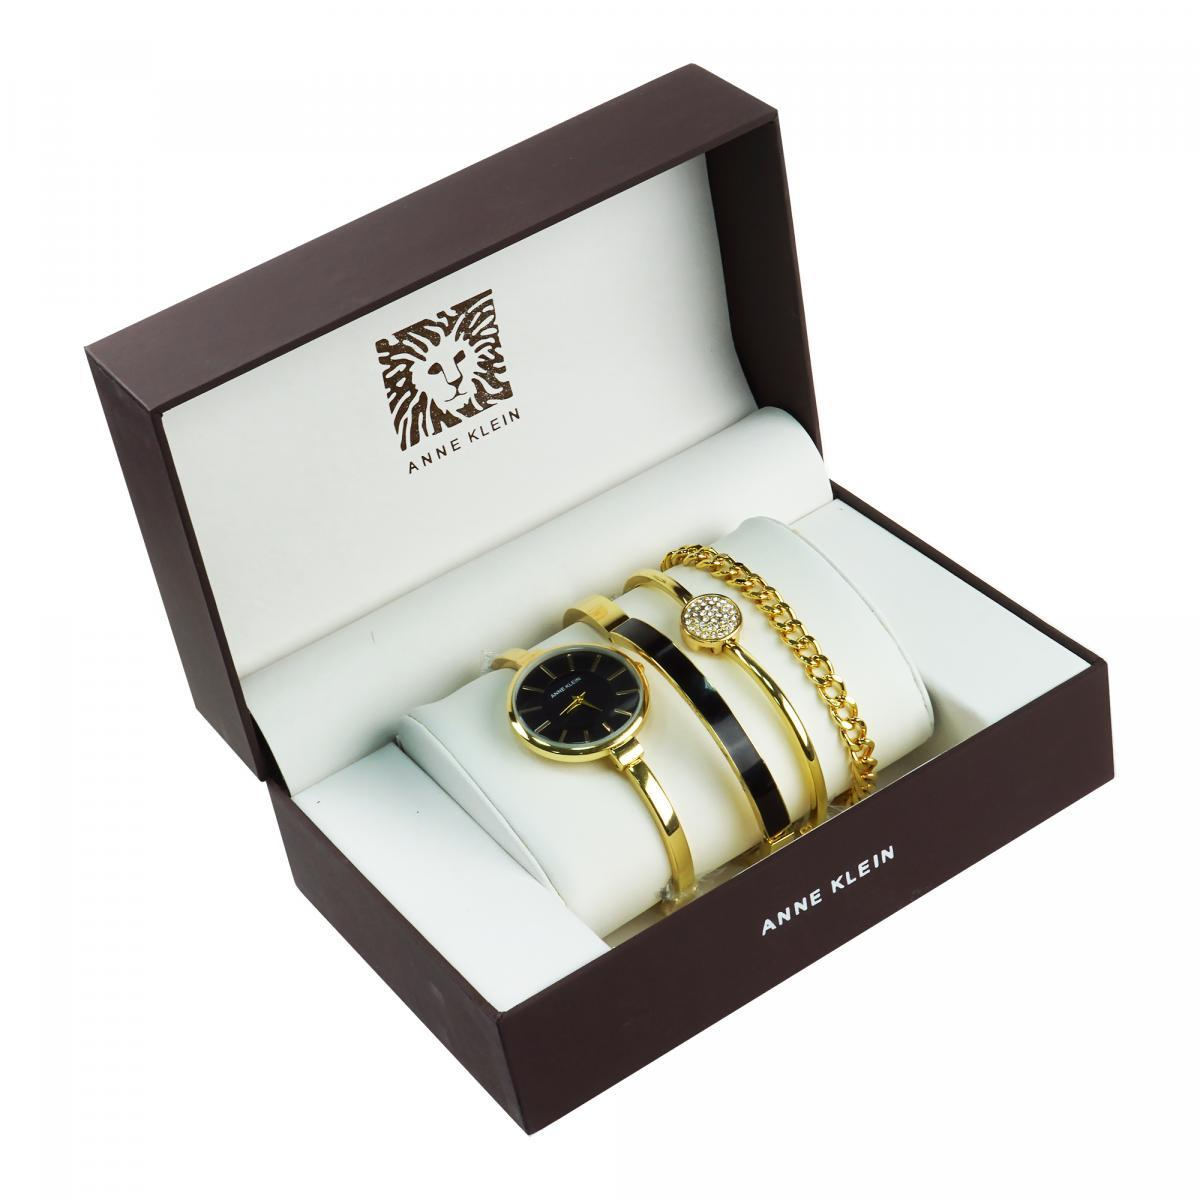 Уценка (товар с небольшим дефектом) Часы в подарочной упаковке Anne Klein золотистый + черный